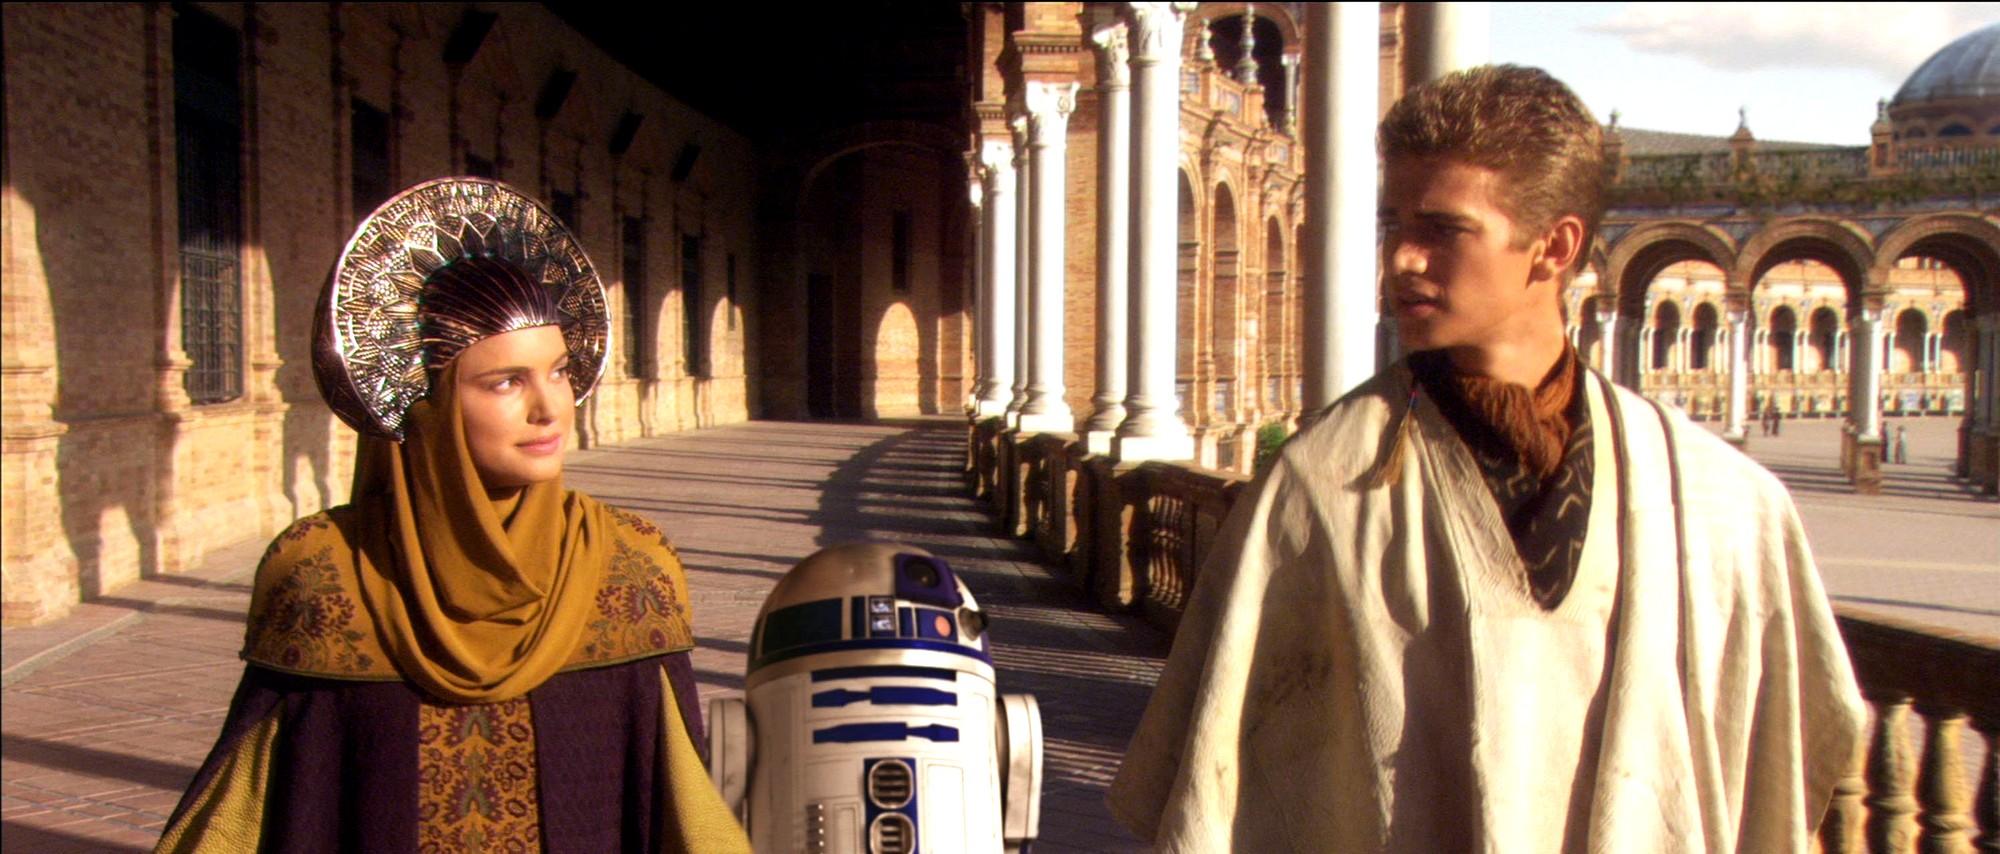 """Площадь Испании в Севилье-кадр из фильма """"Звёздные войны"""""""